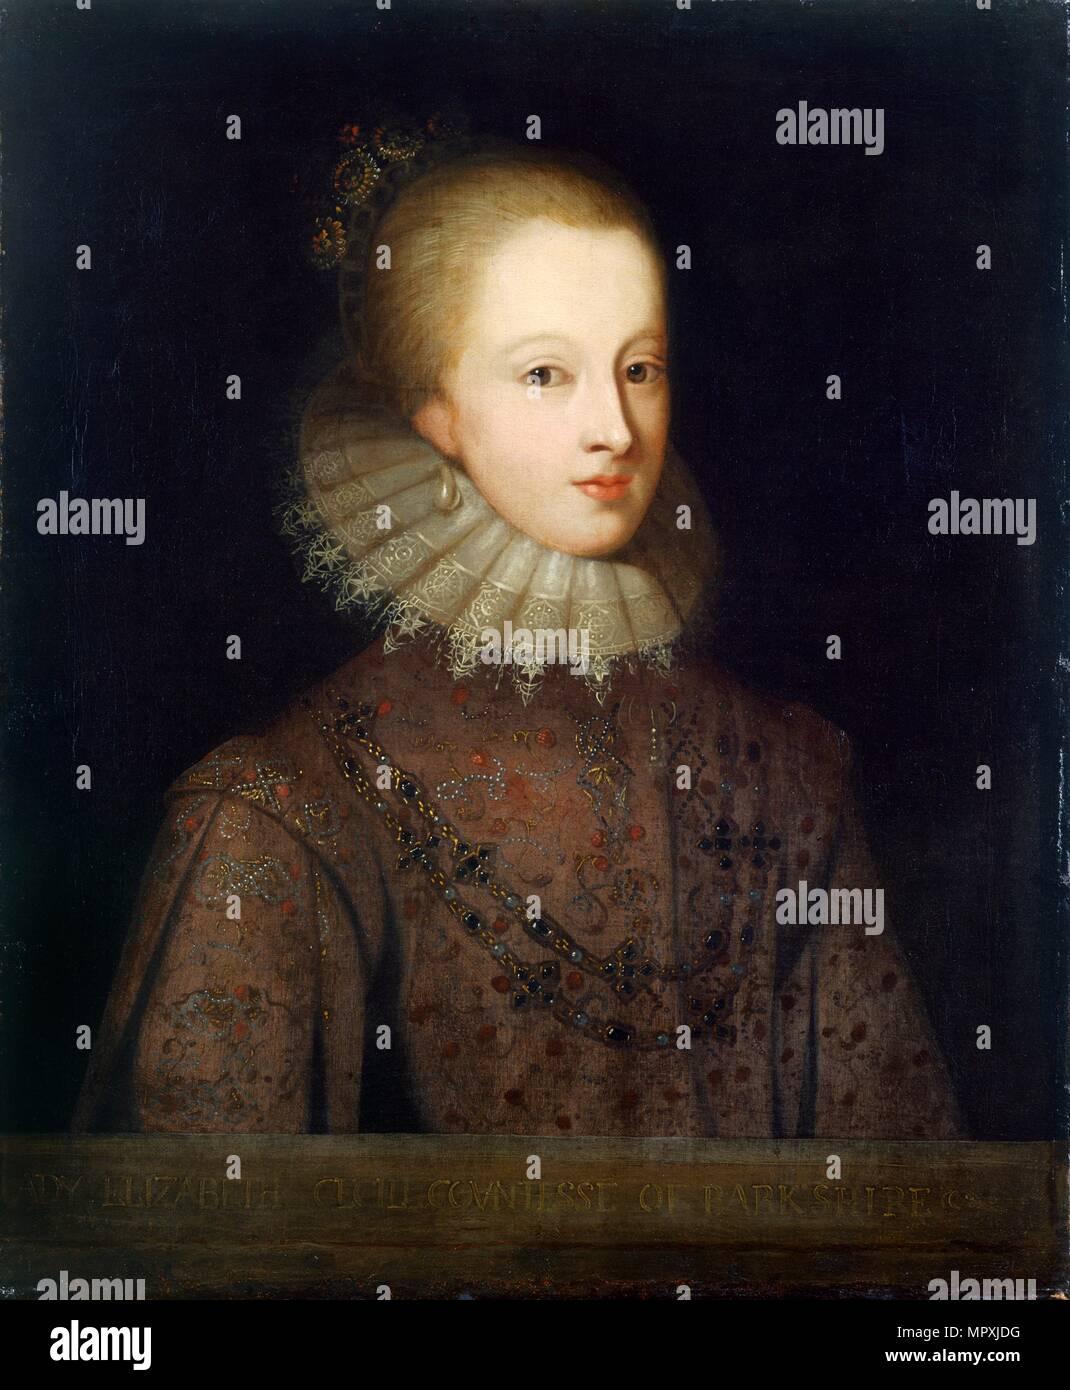 17 Jahrhundert Bild Architektur: Elizabeth Cecil, Gräfin Von Berkshire, Ende Des 17